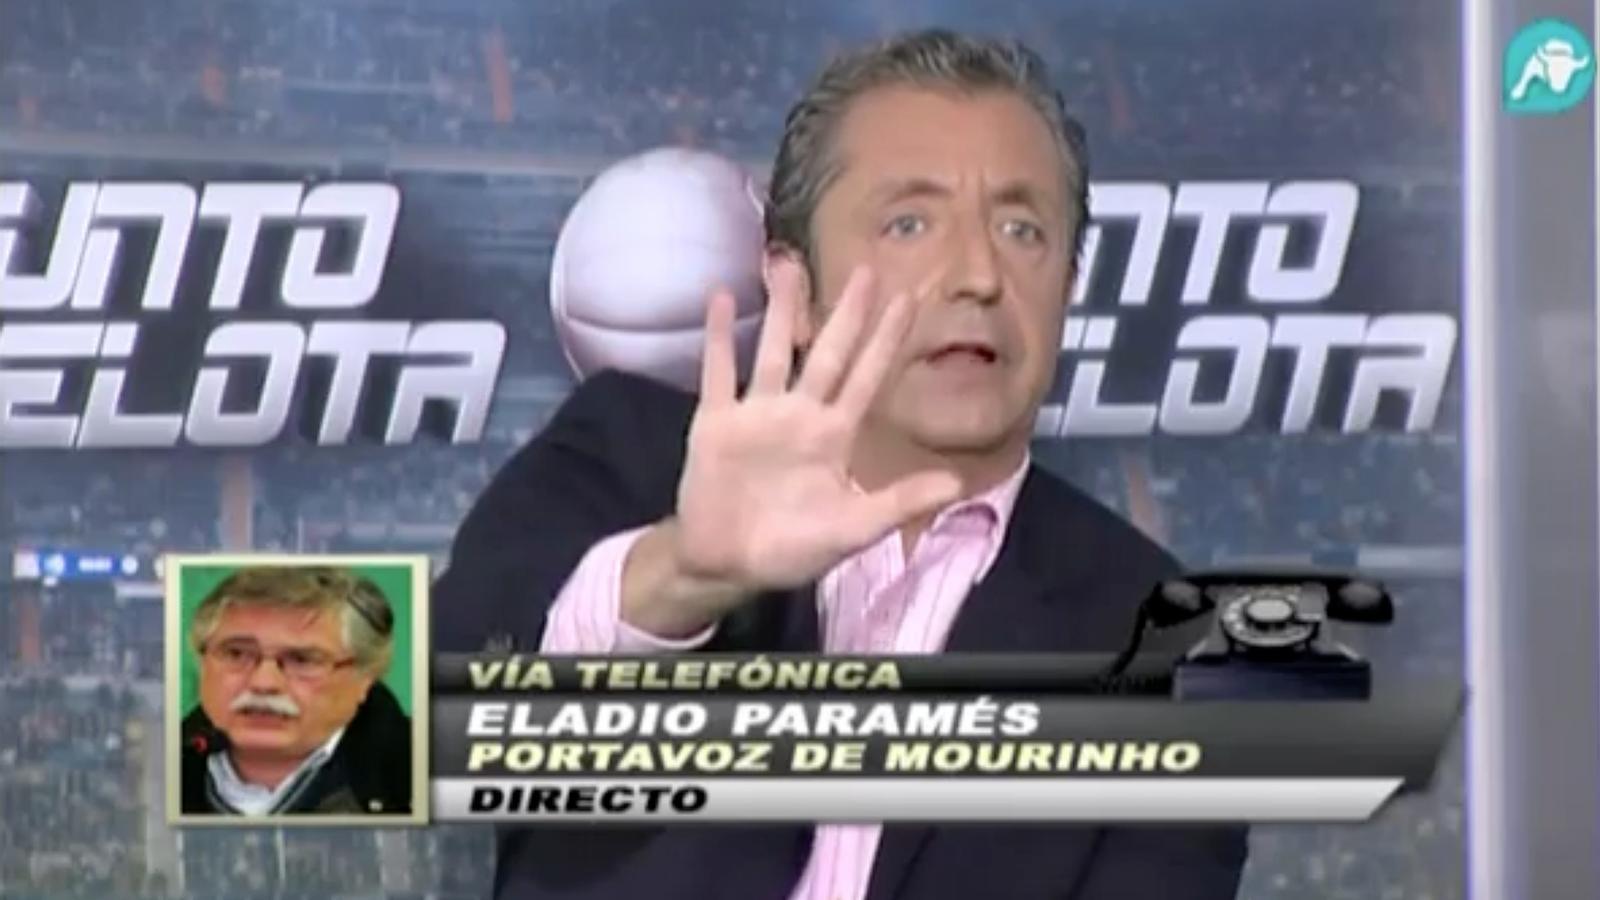 El fals i el veritable Eladio Paramés, junts a 'Punto Pelota'